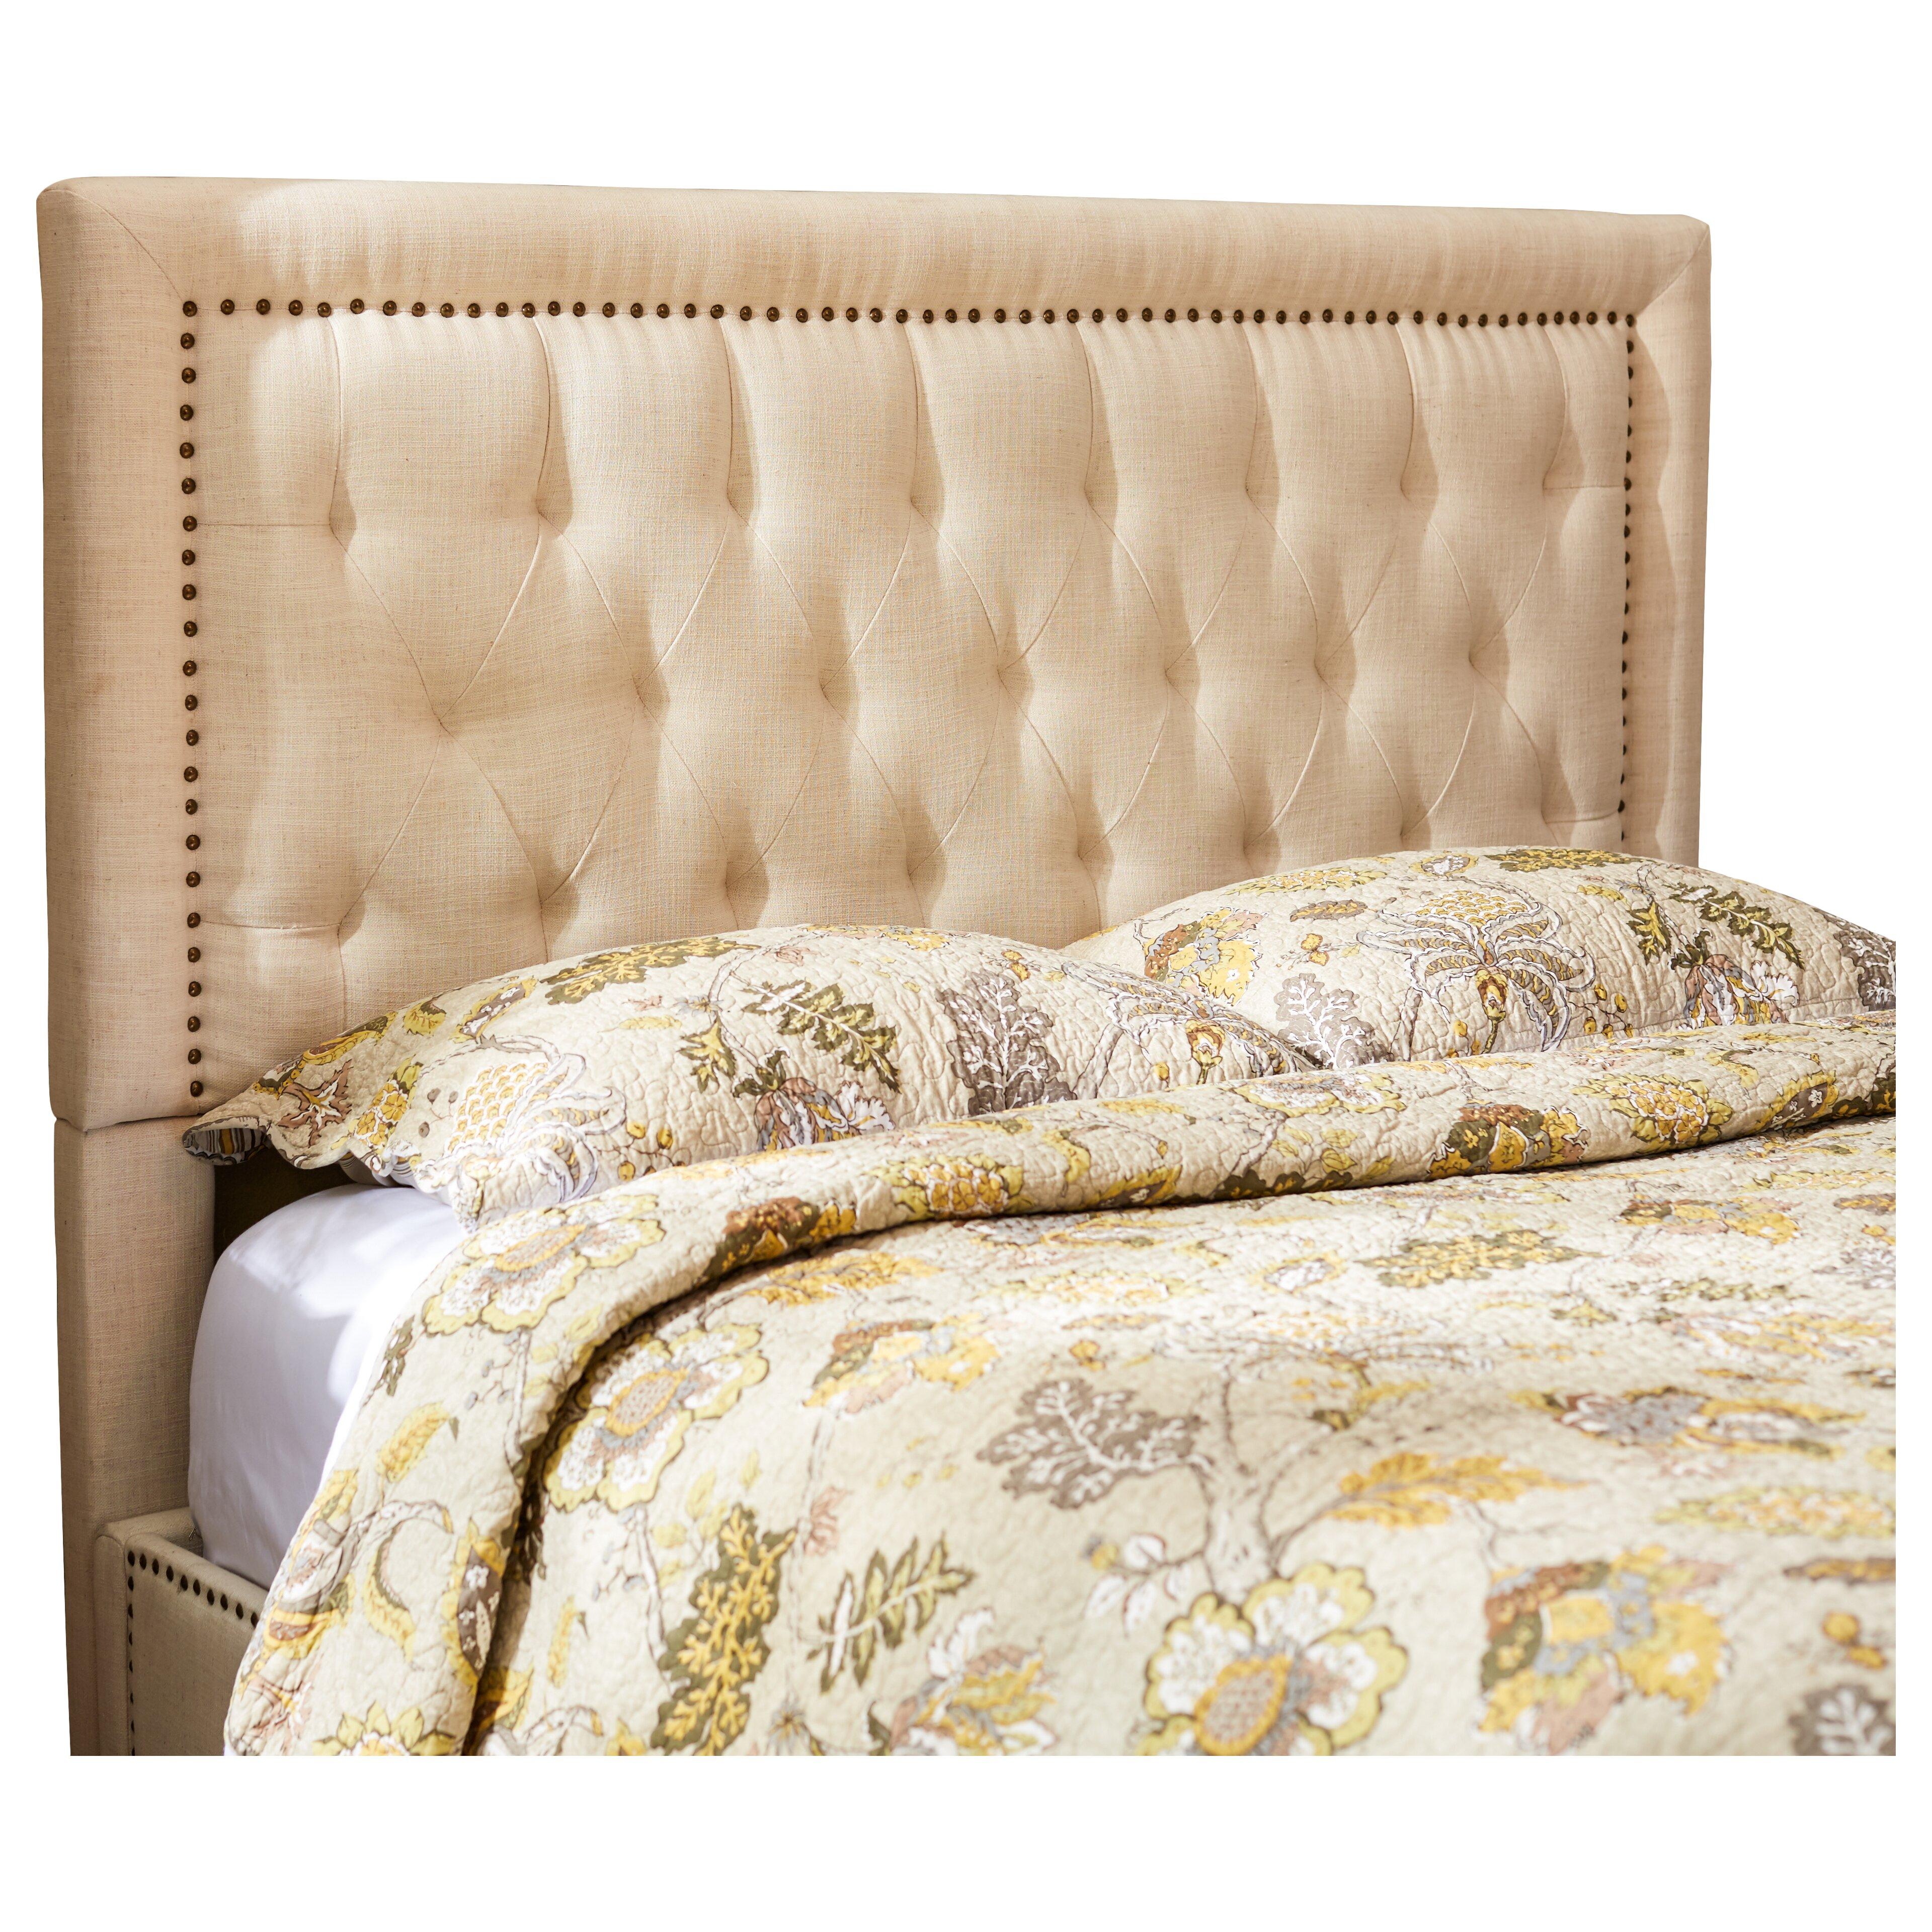 Djibril Upholstered Platform Bed